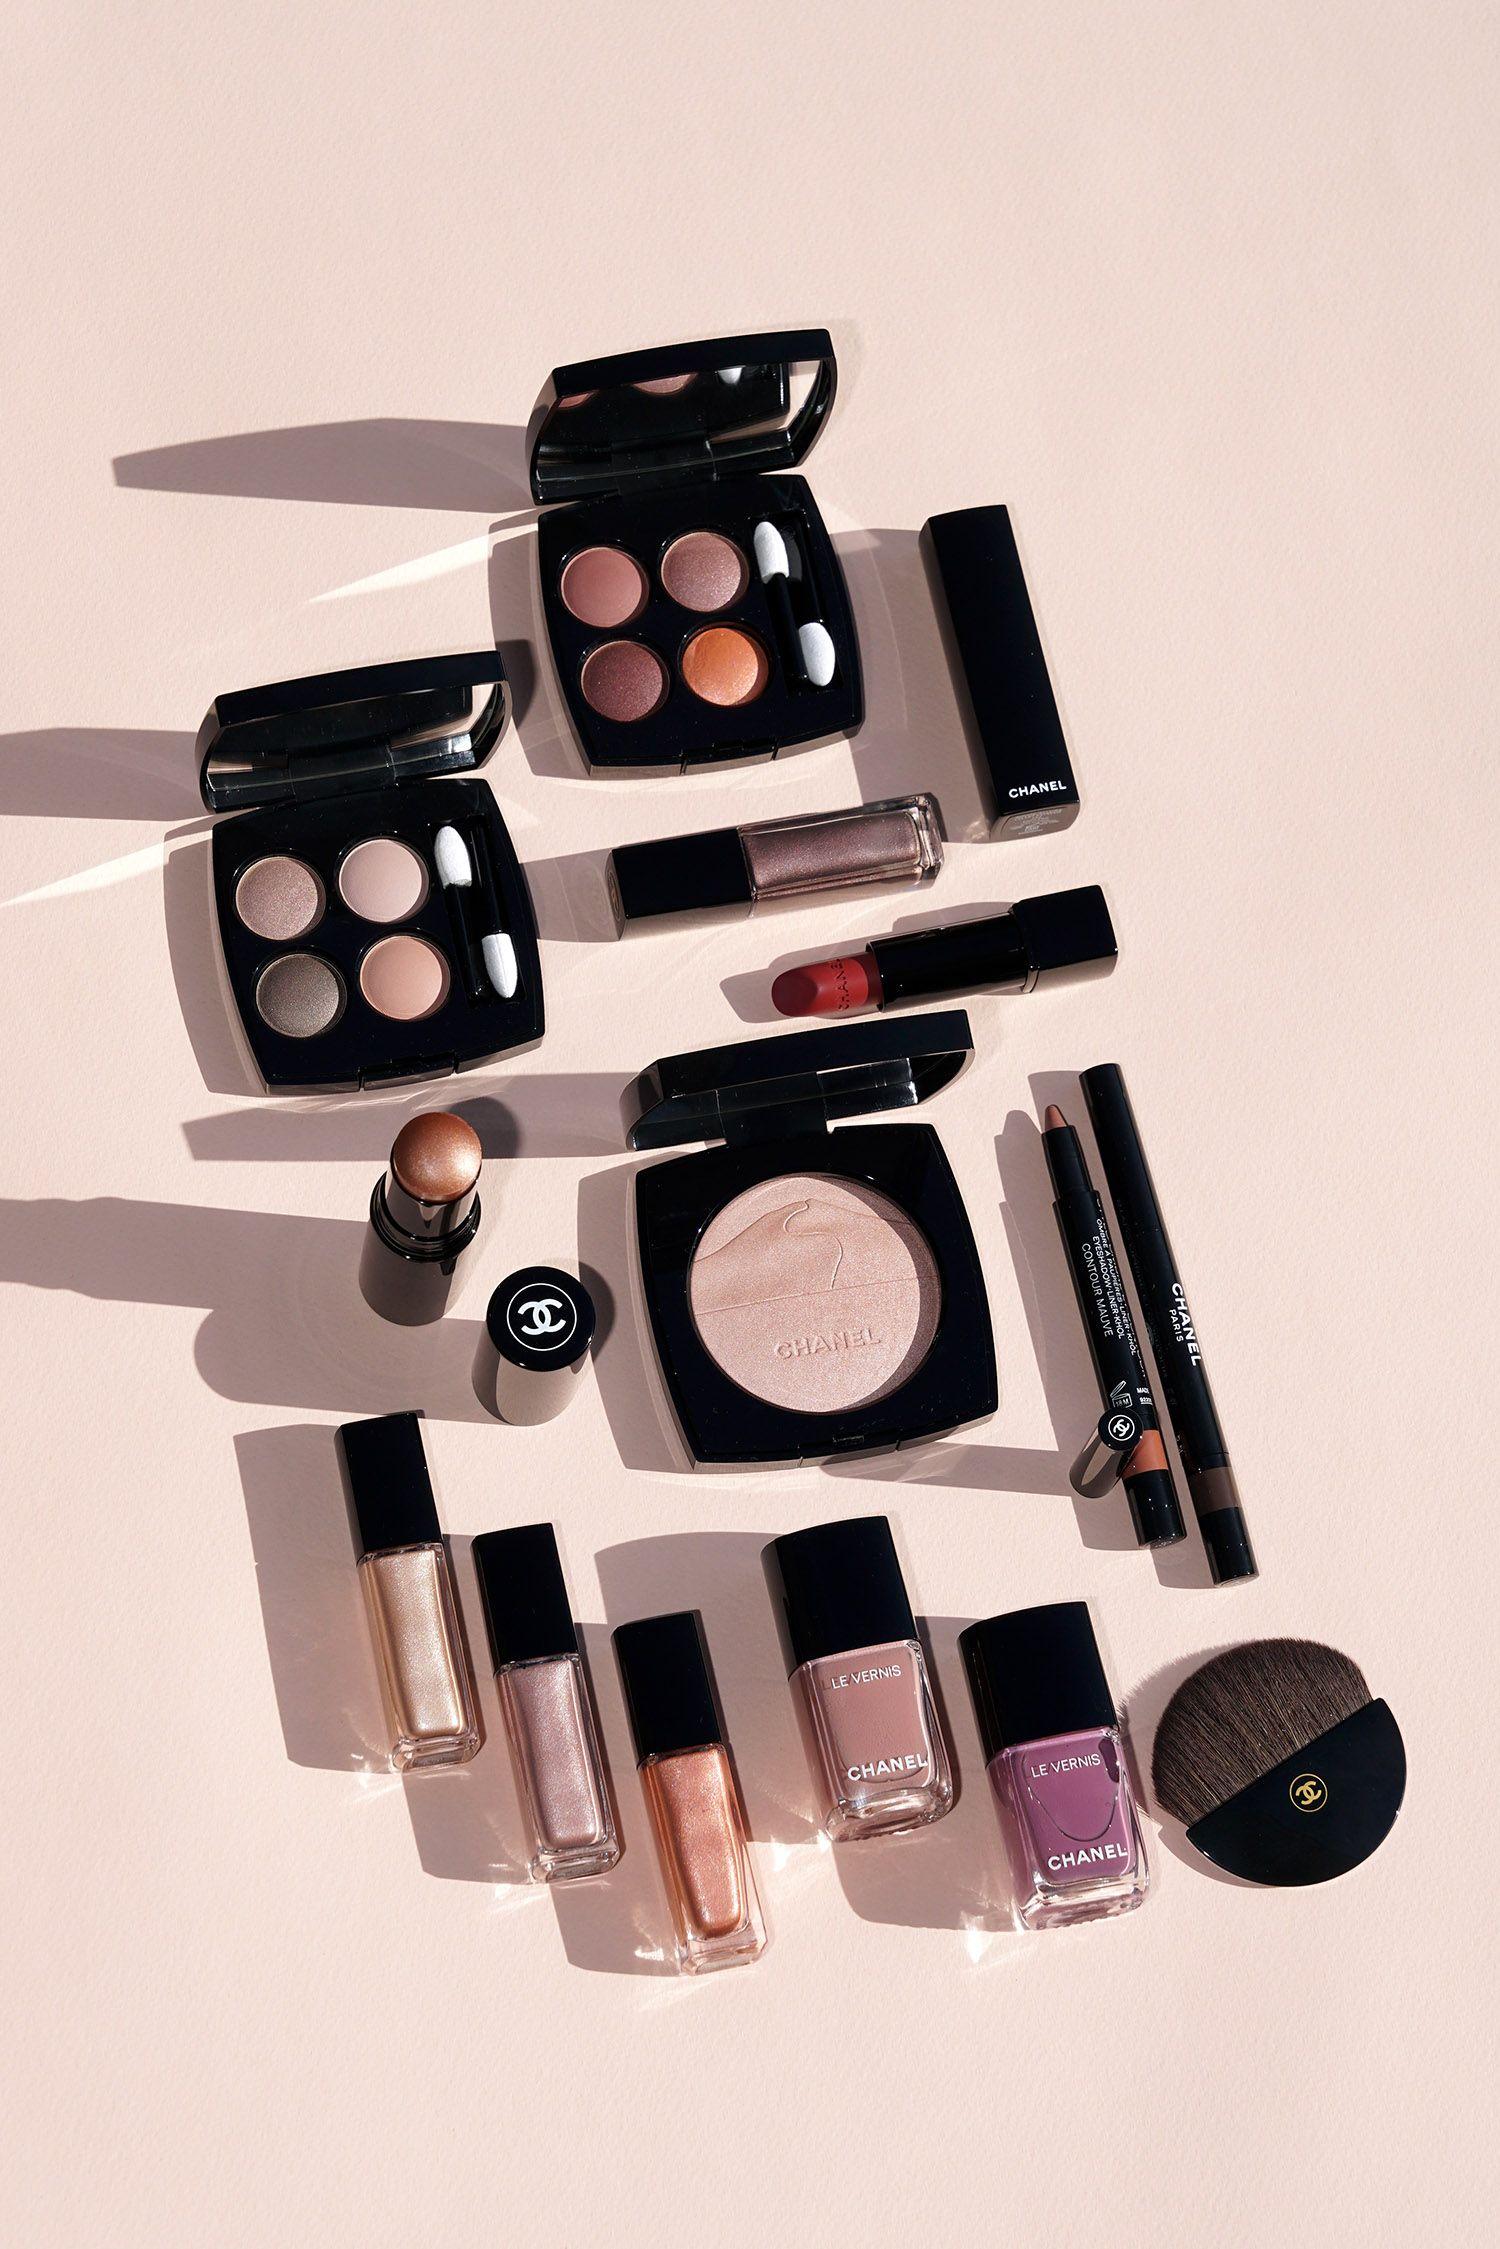 Chanel Beauty SpringSummer 2020 in 2020 Chanel beauty